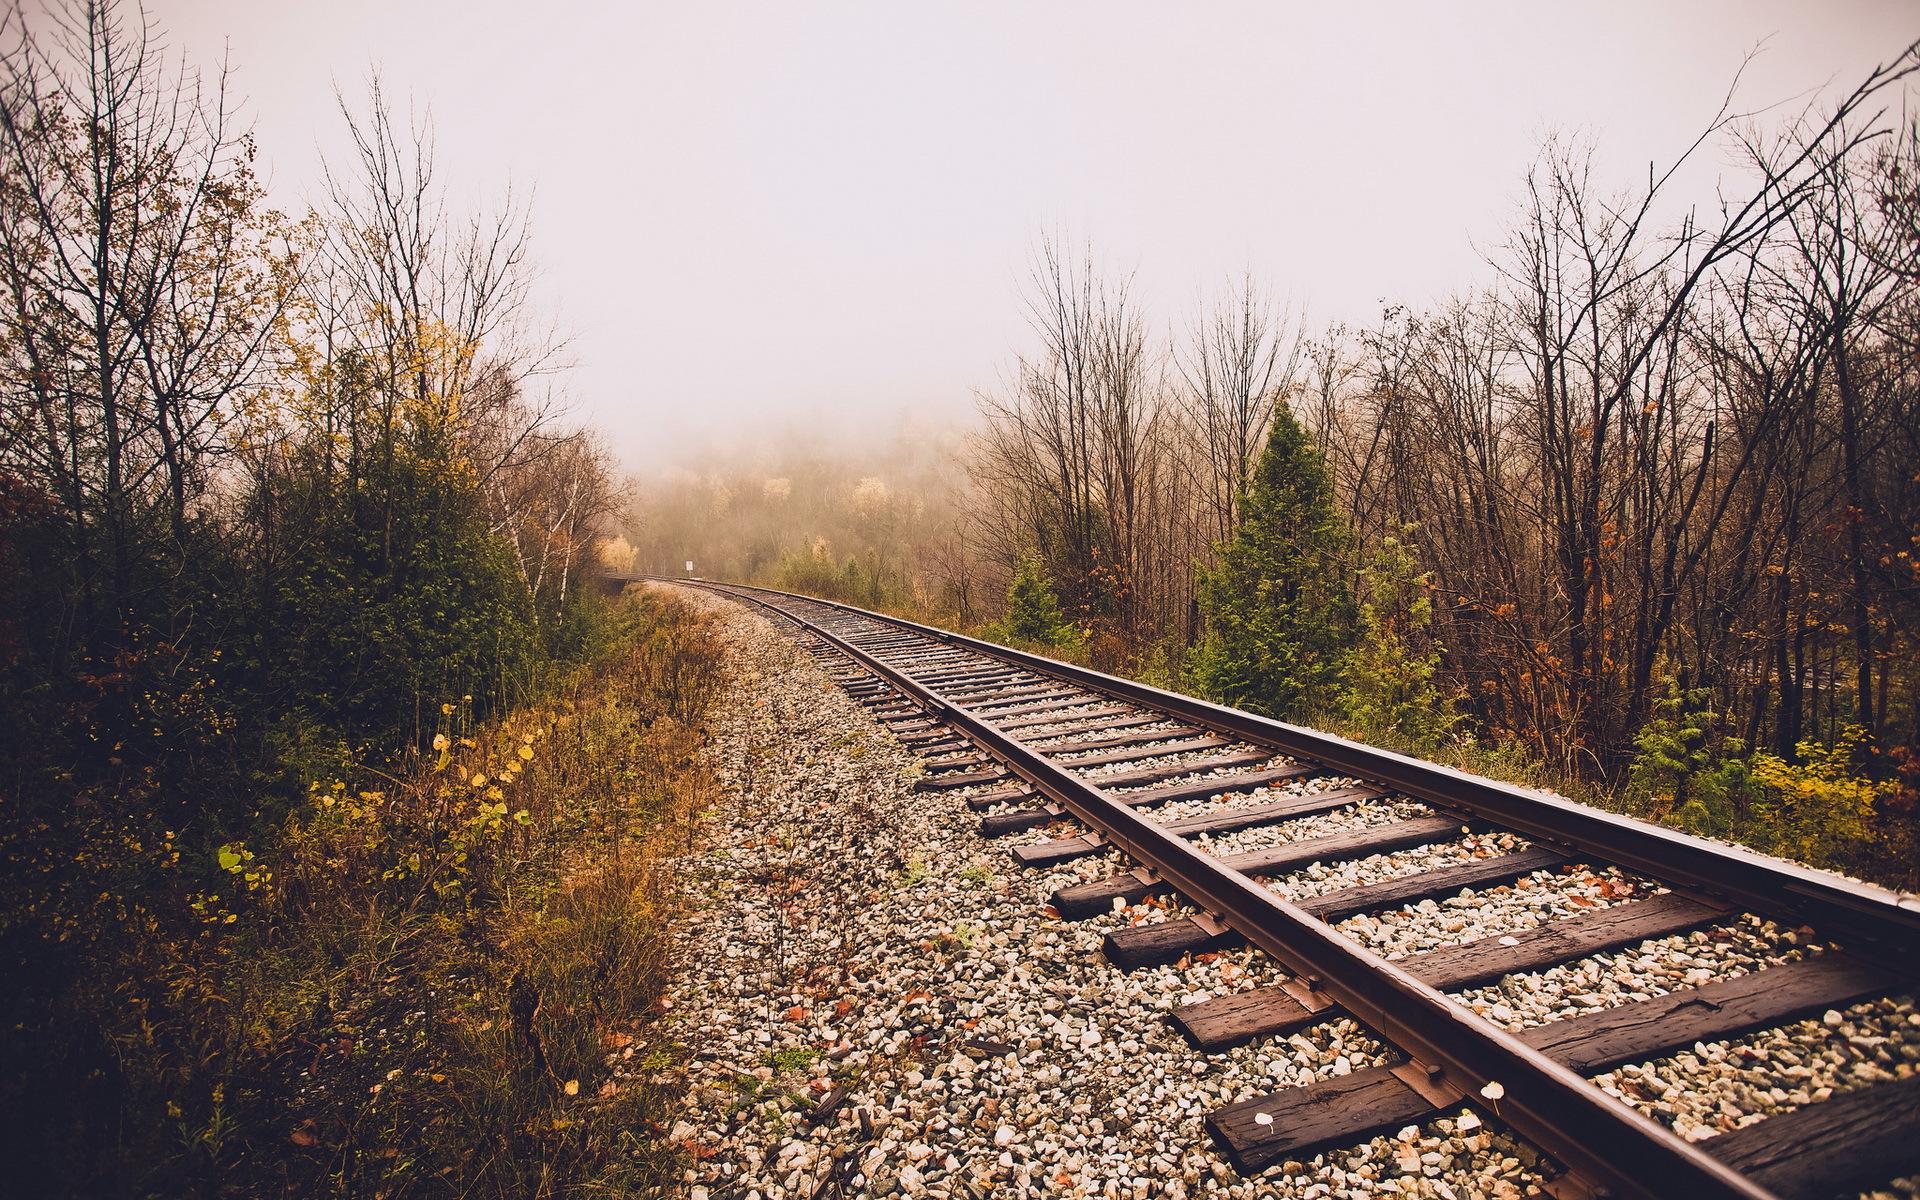 Обрыв горы поезд осень без смс